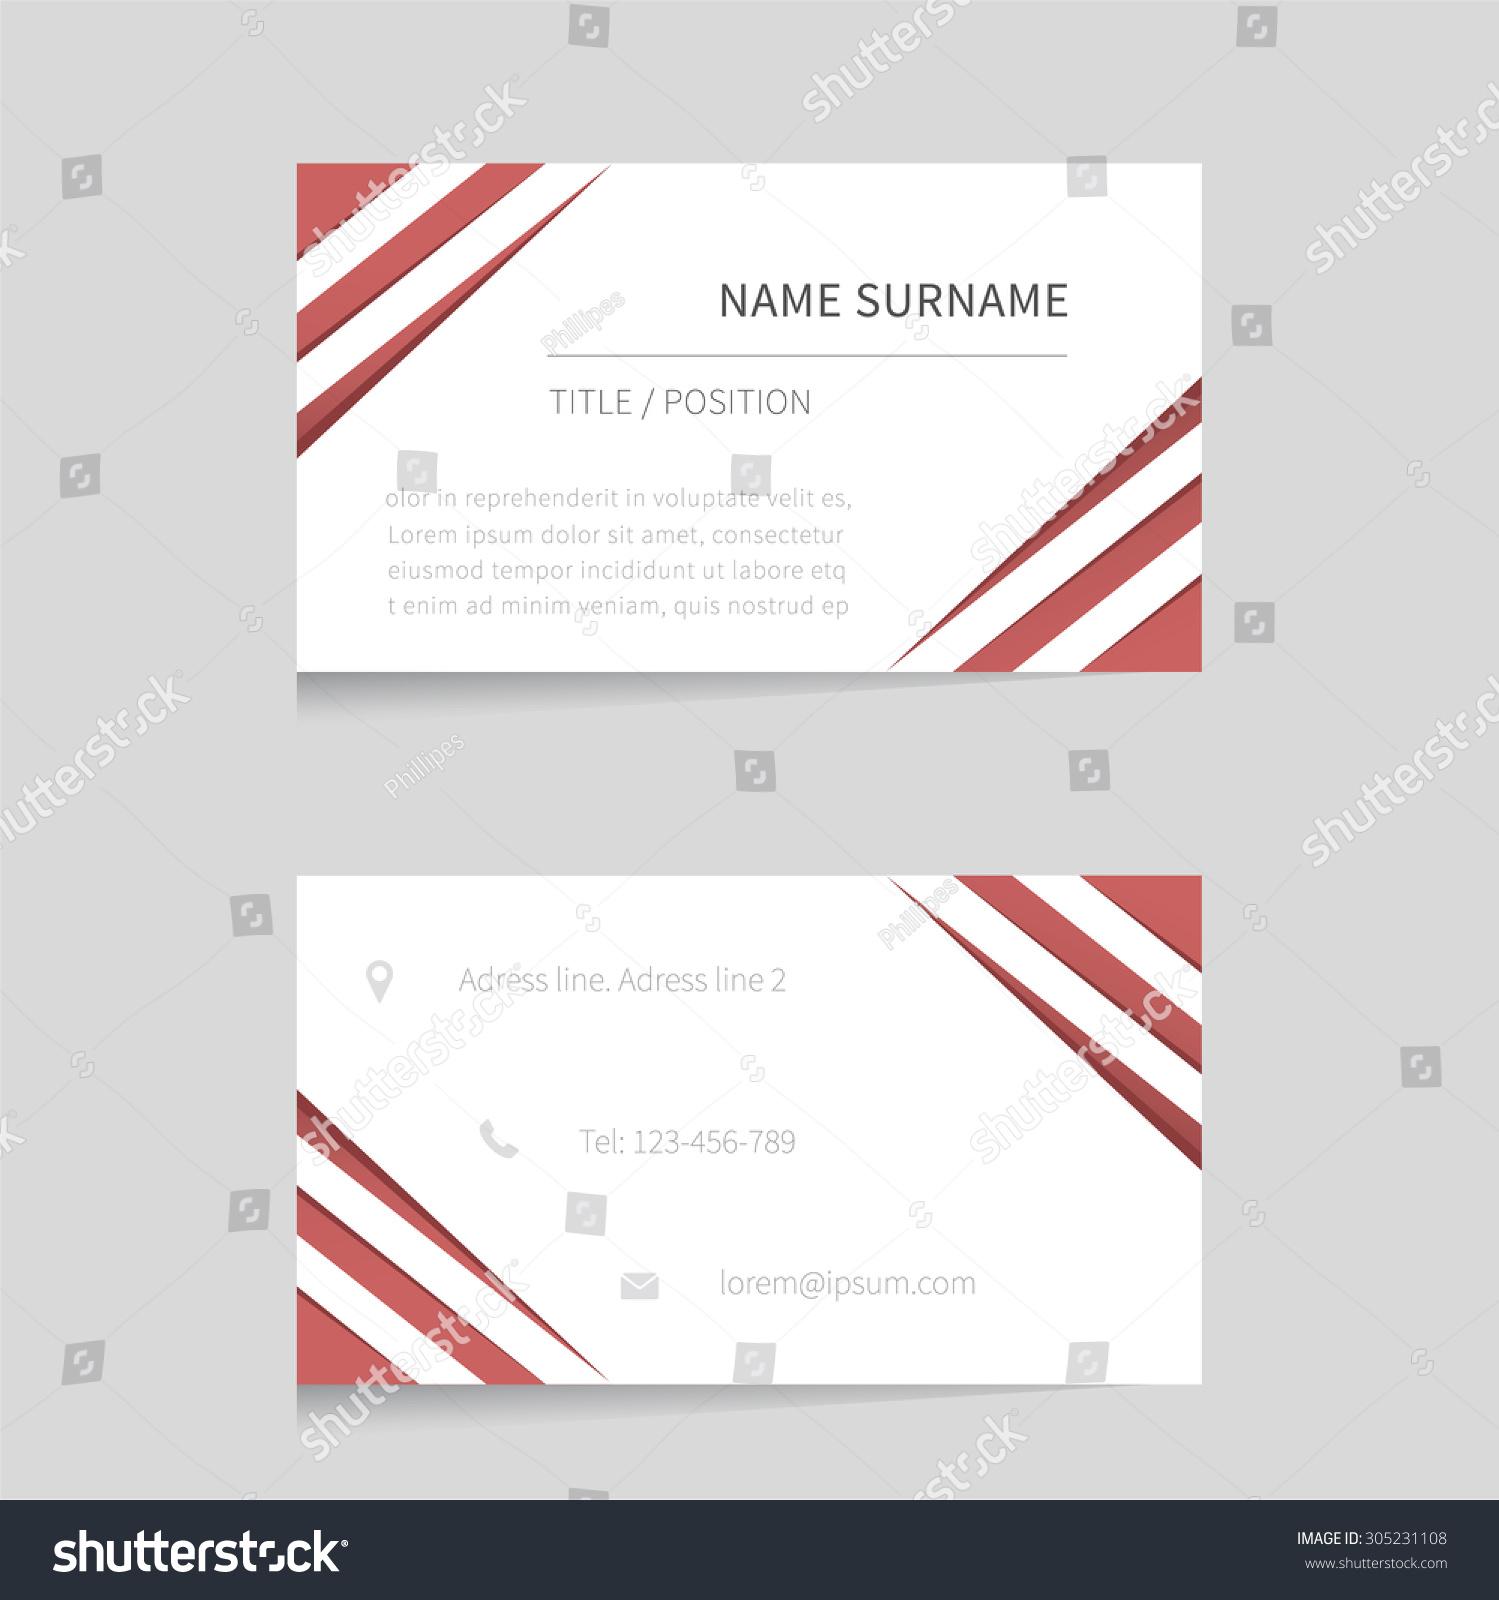 Vector business card template modern business card for Business card presentation template